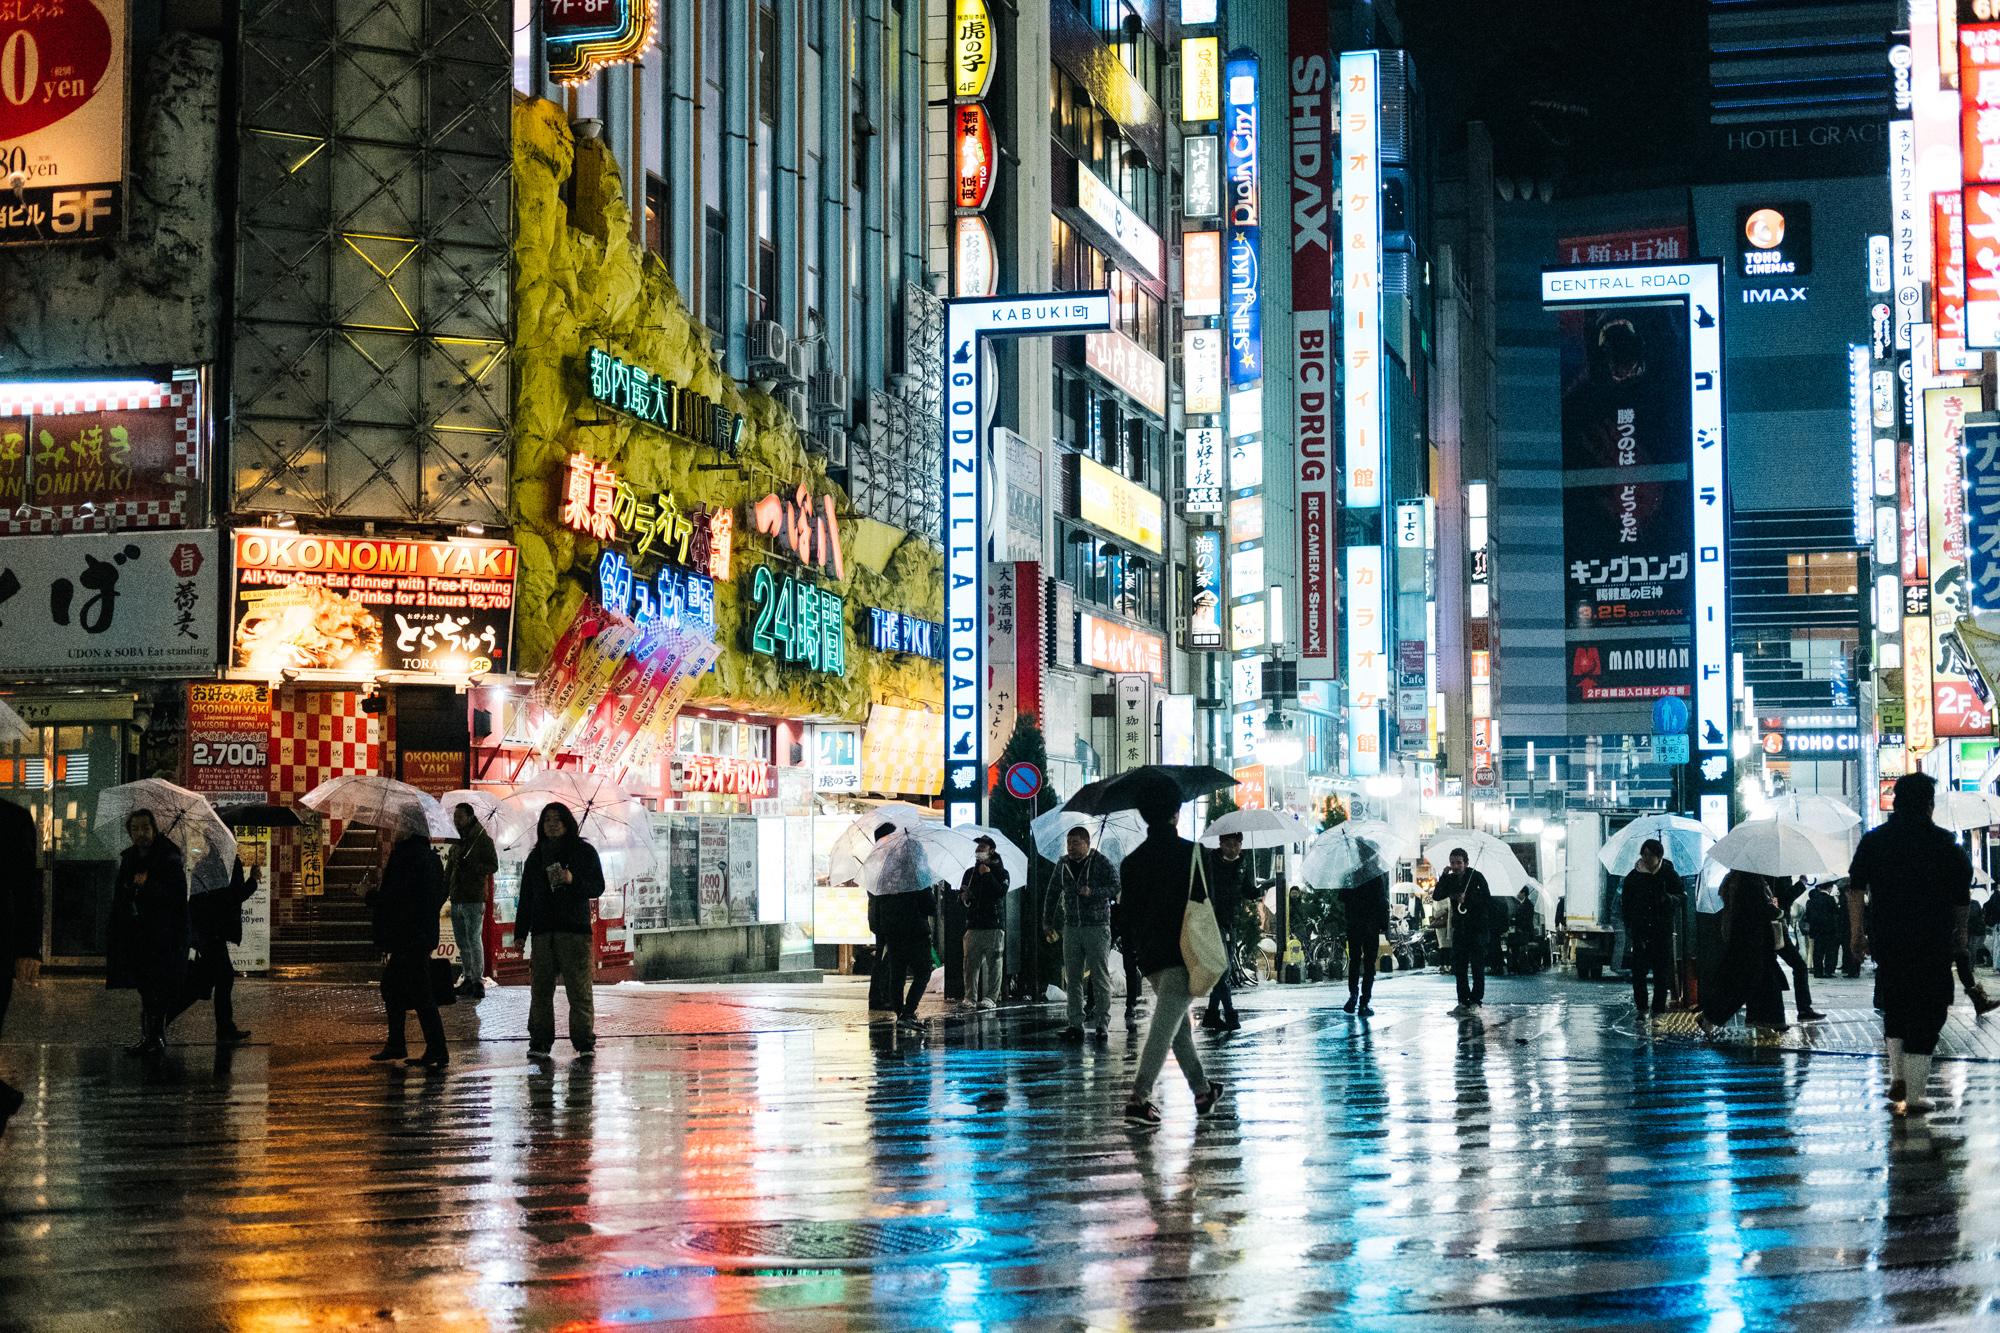 huynh_night_in_tokyo_1